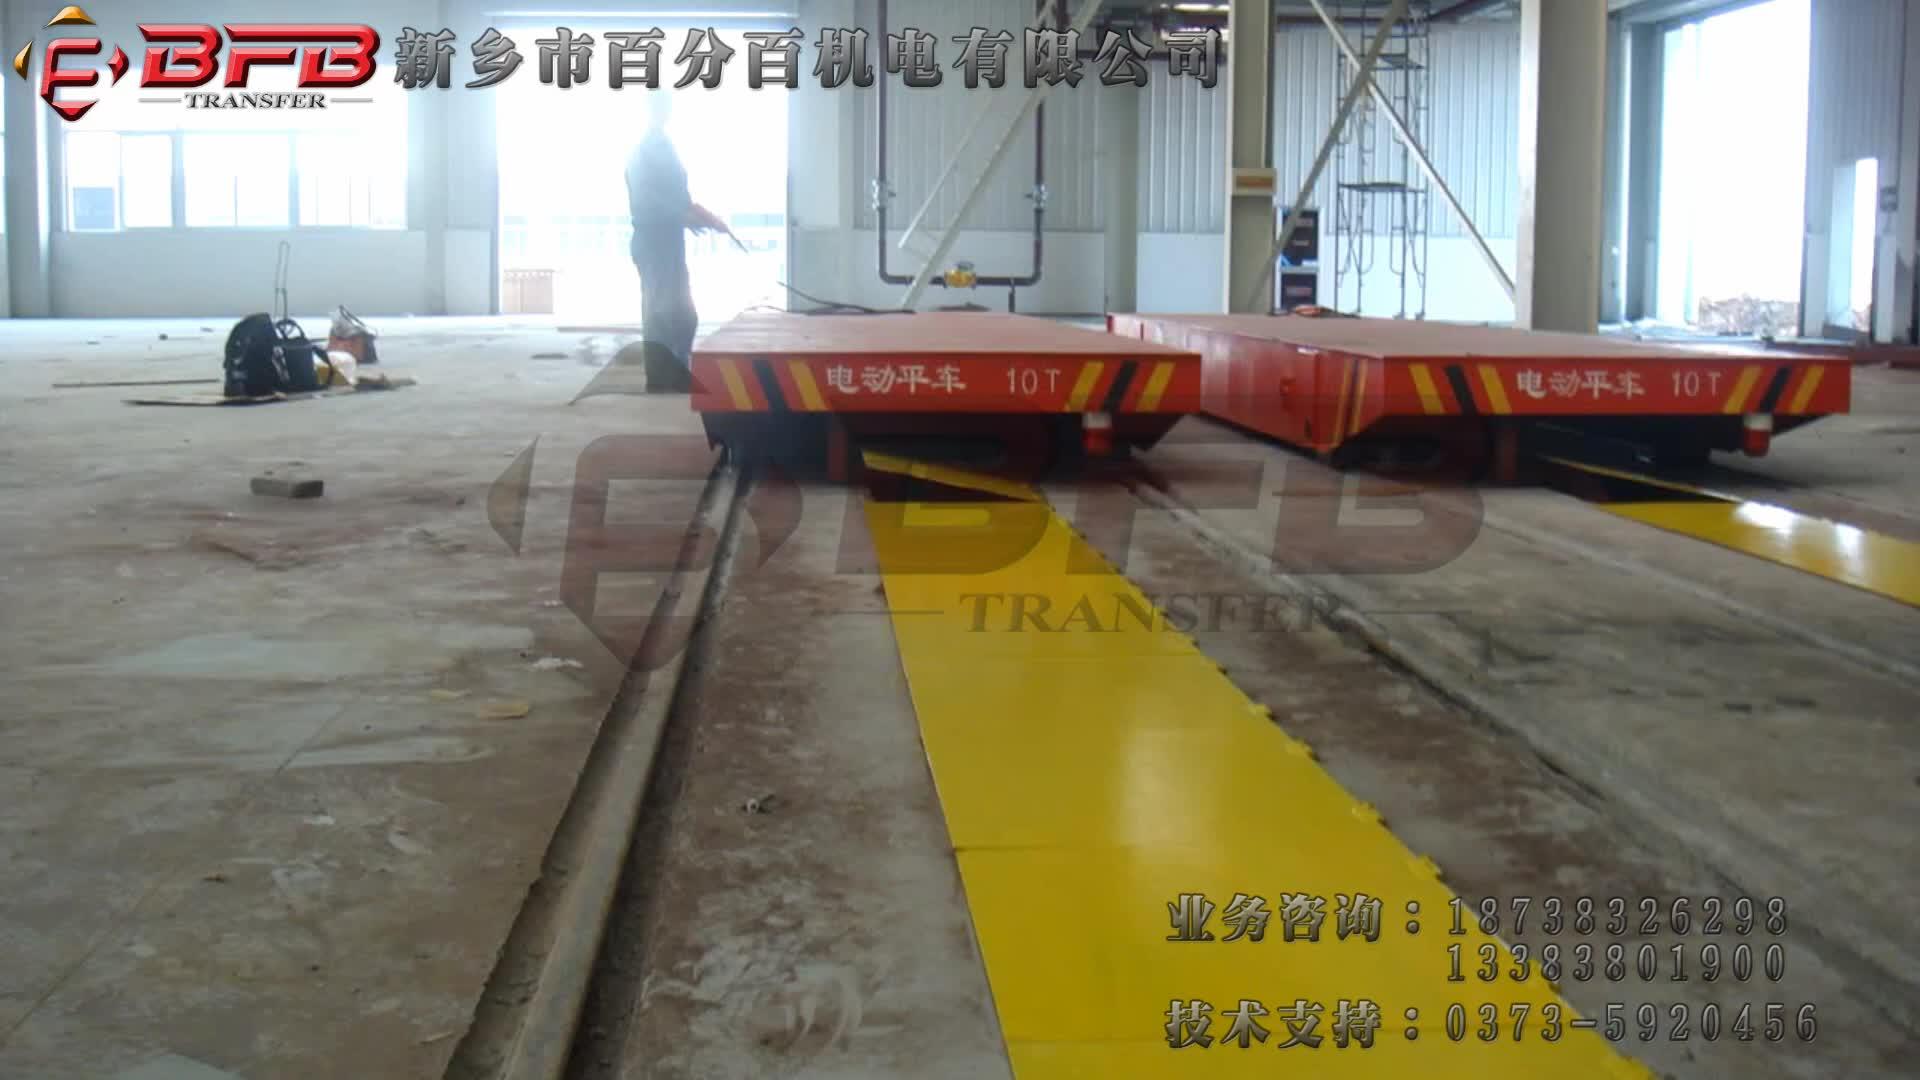 东宁混合传热处理配套轨道平板车 移机台车 工业机械电动地轨车